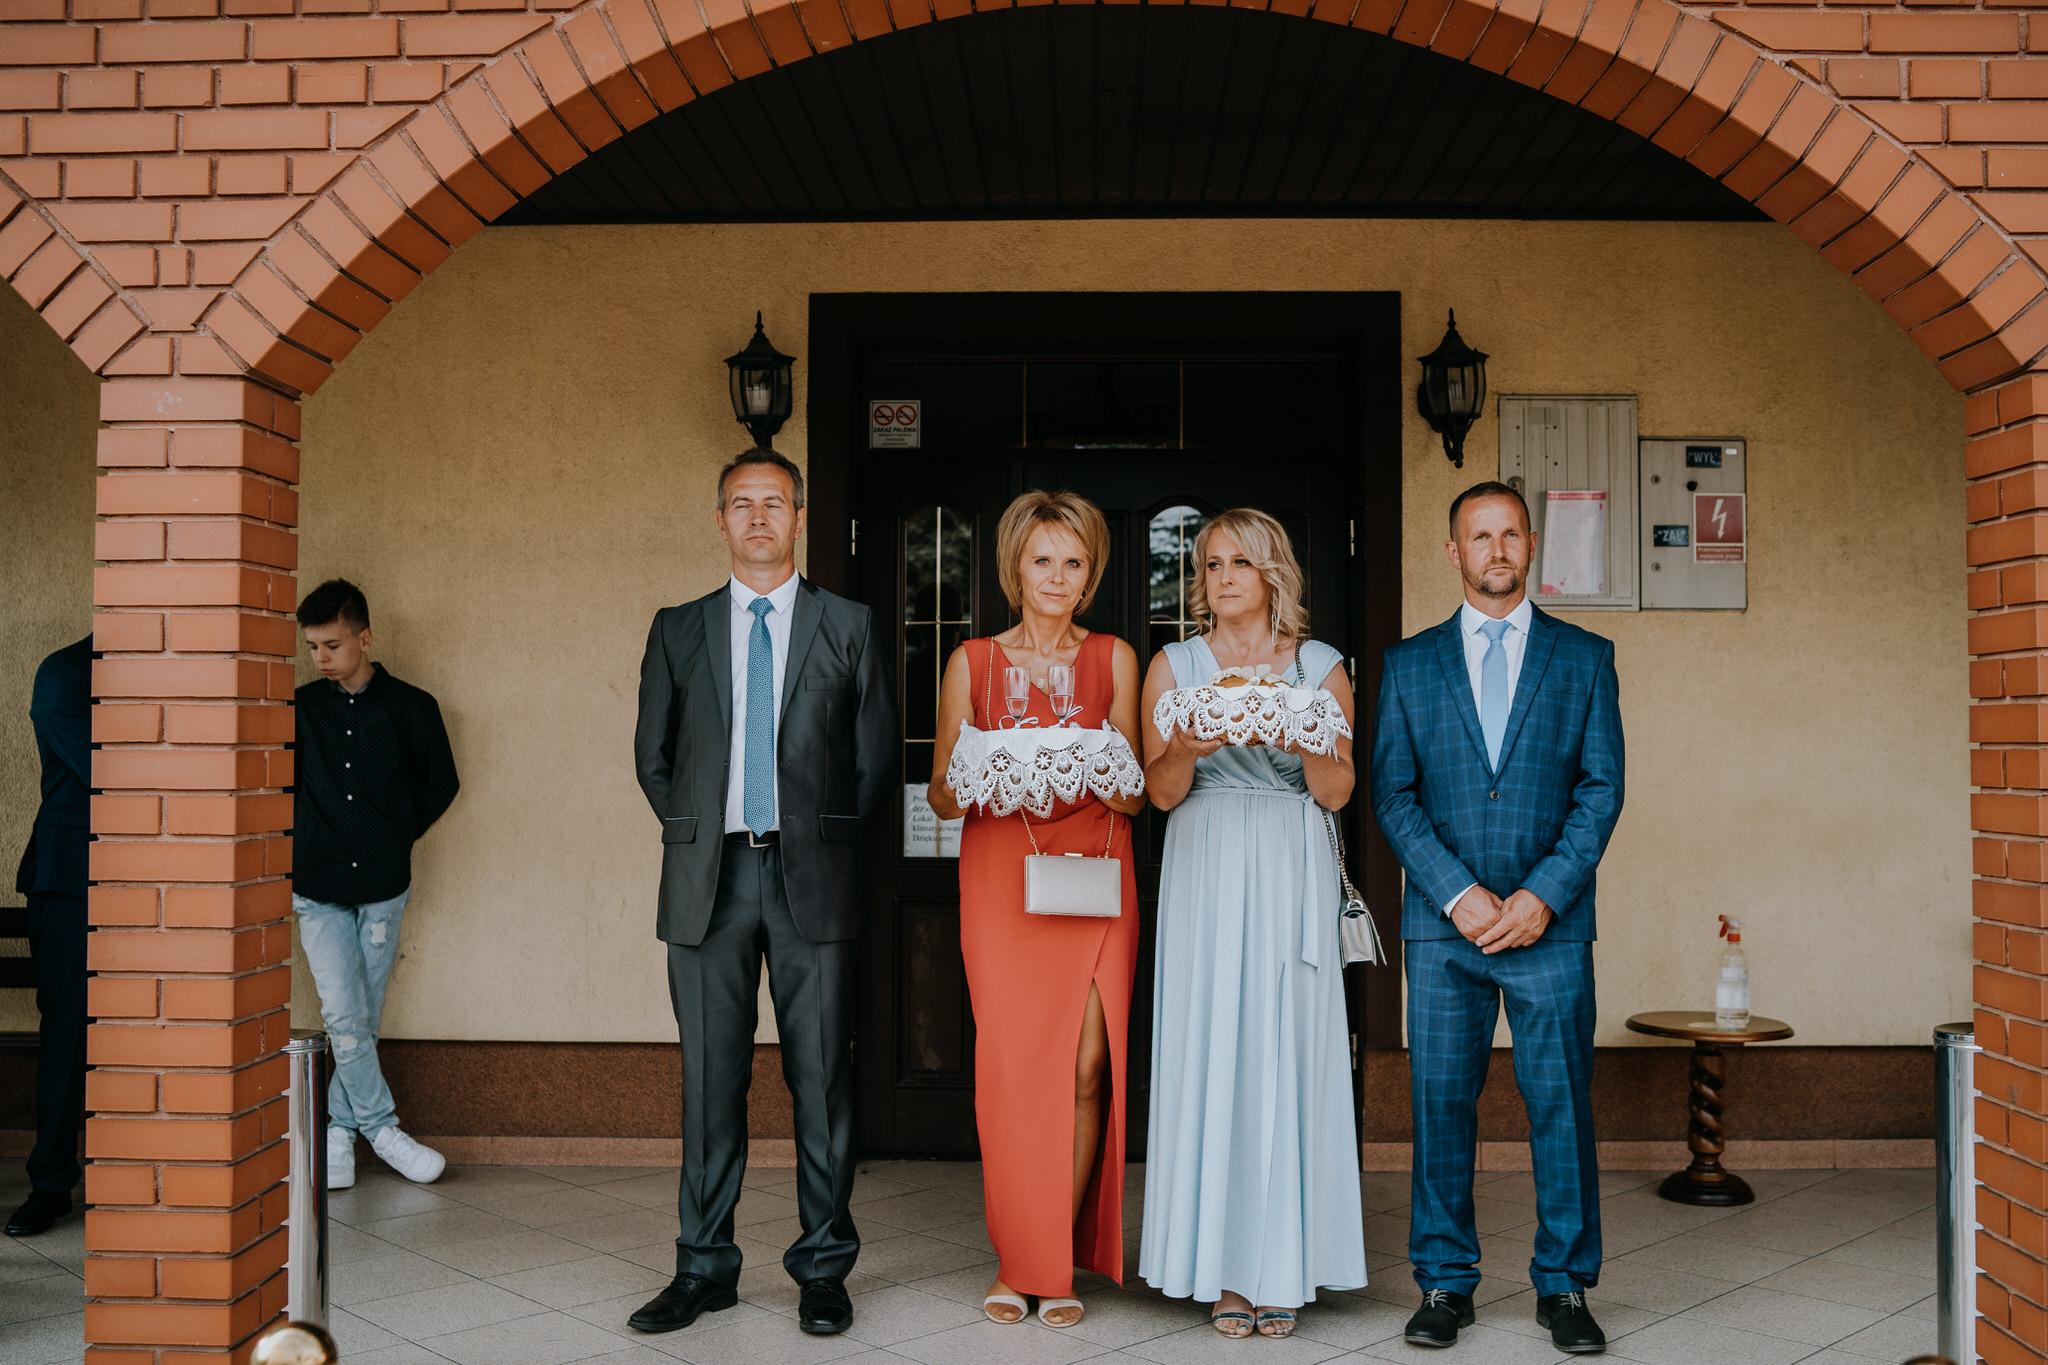 wesele paradis iga damian 187 - Wesele w stylu glamour | Lubartów | I+D | 04.09.2020